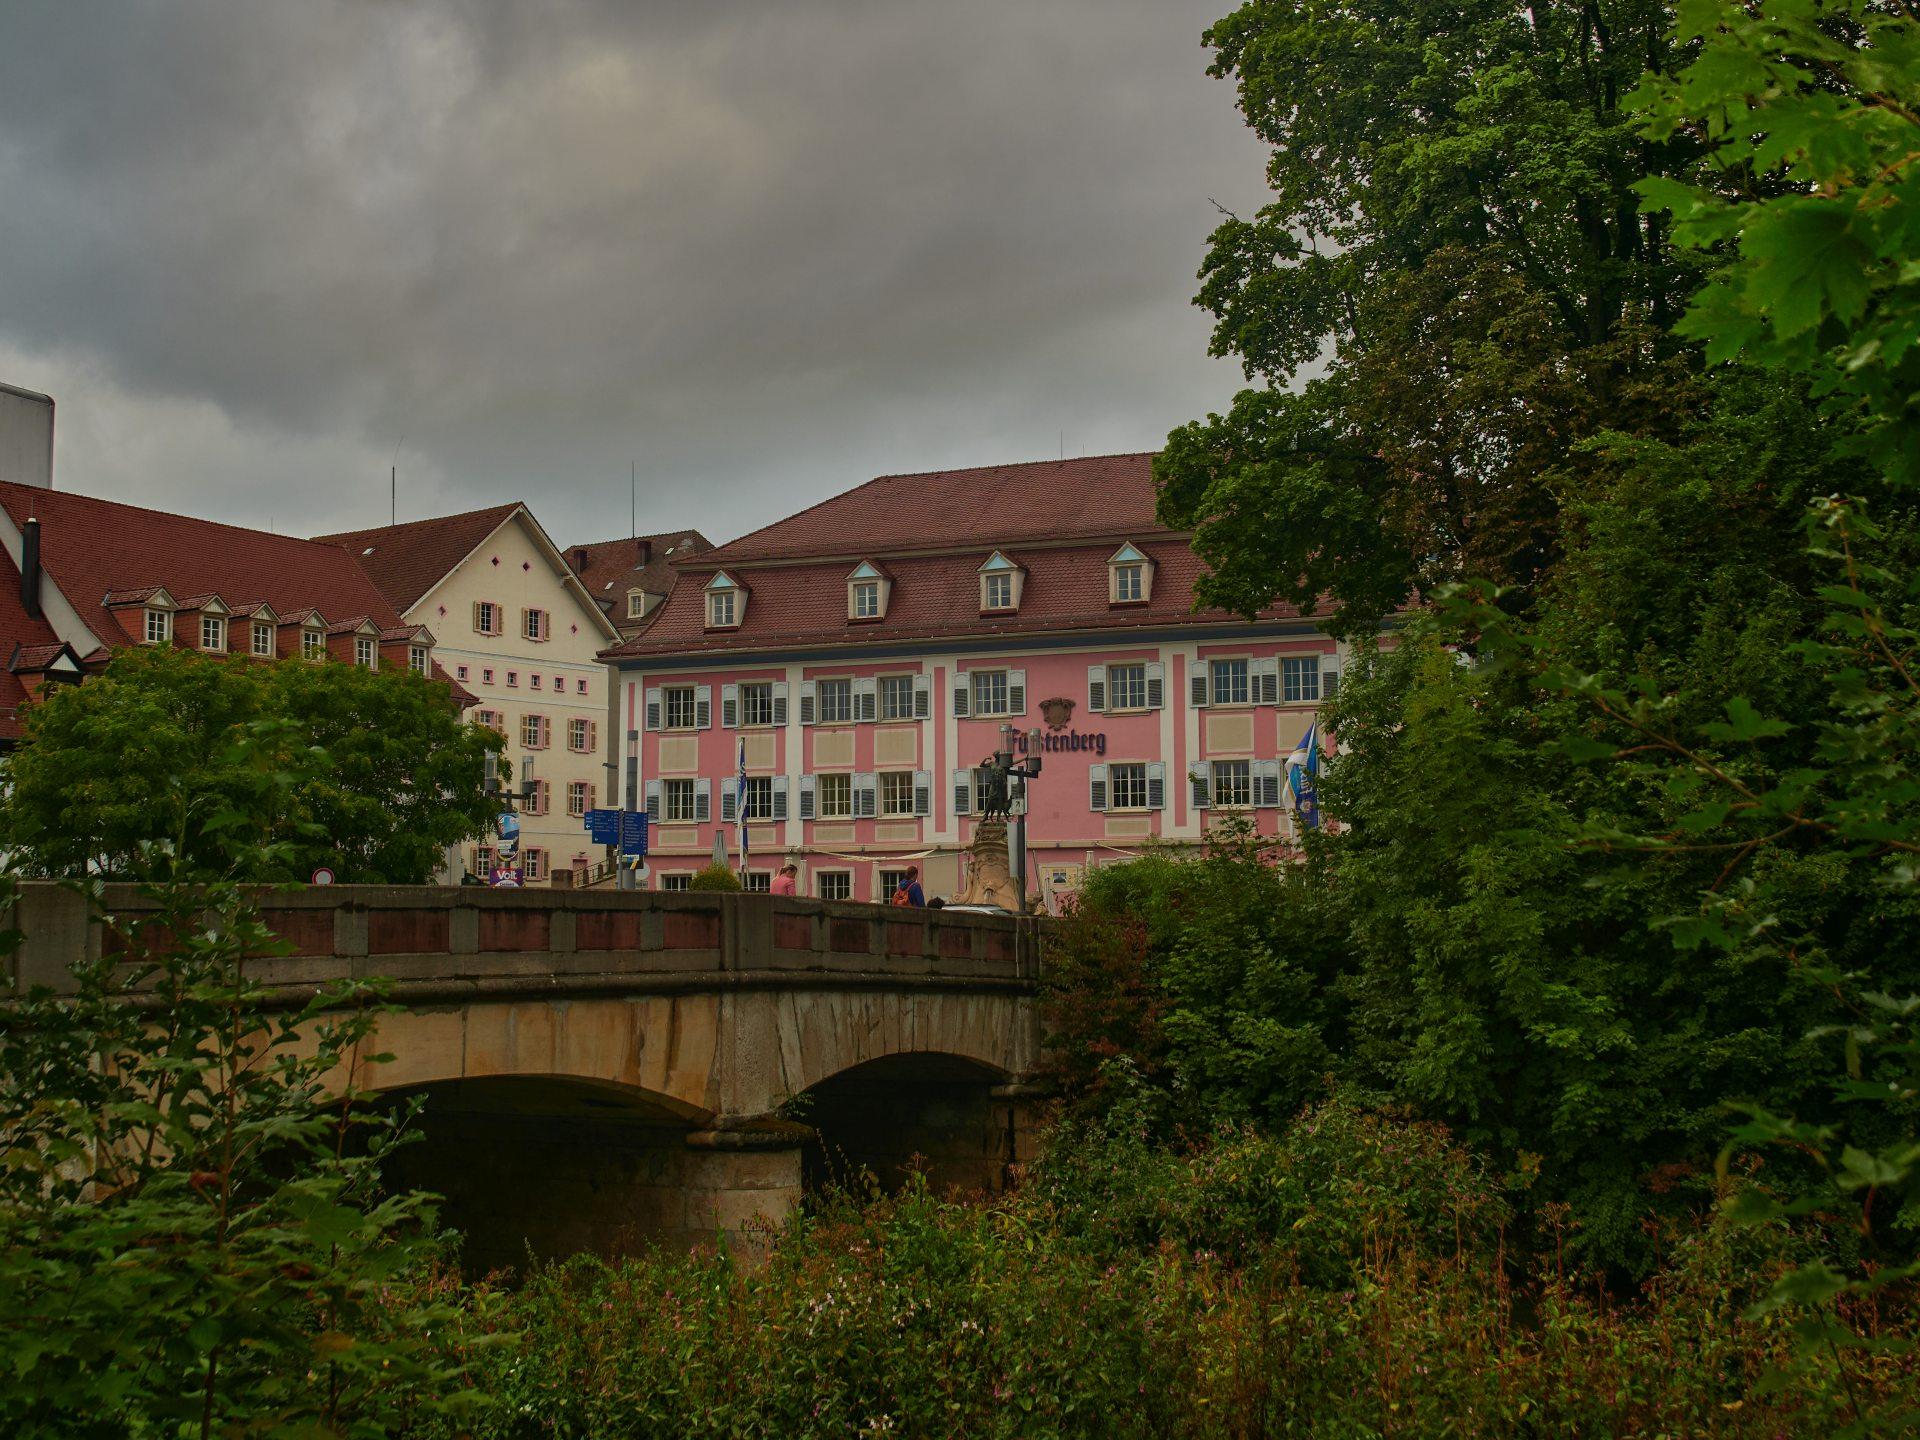 Fürstenberg Bräustüble mit Statue der Diana und Brücke über die Brigach, einen der Flüsschen, aus denen die Donau werden wird